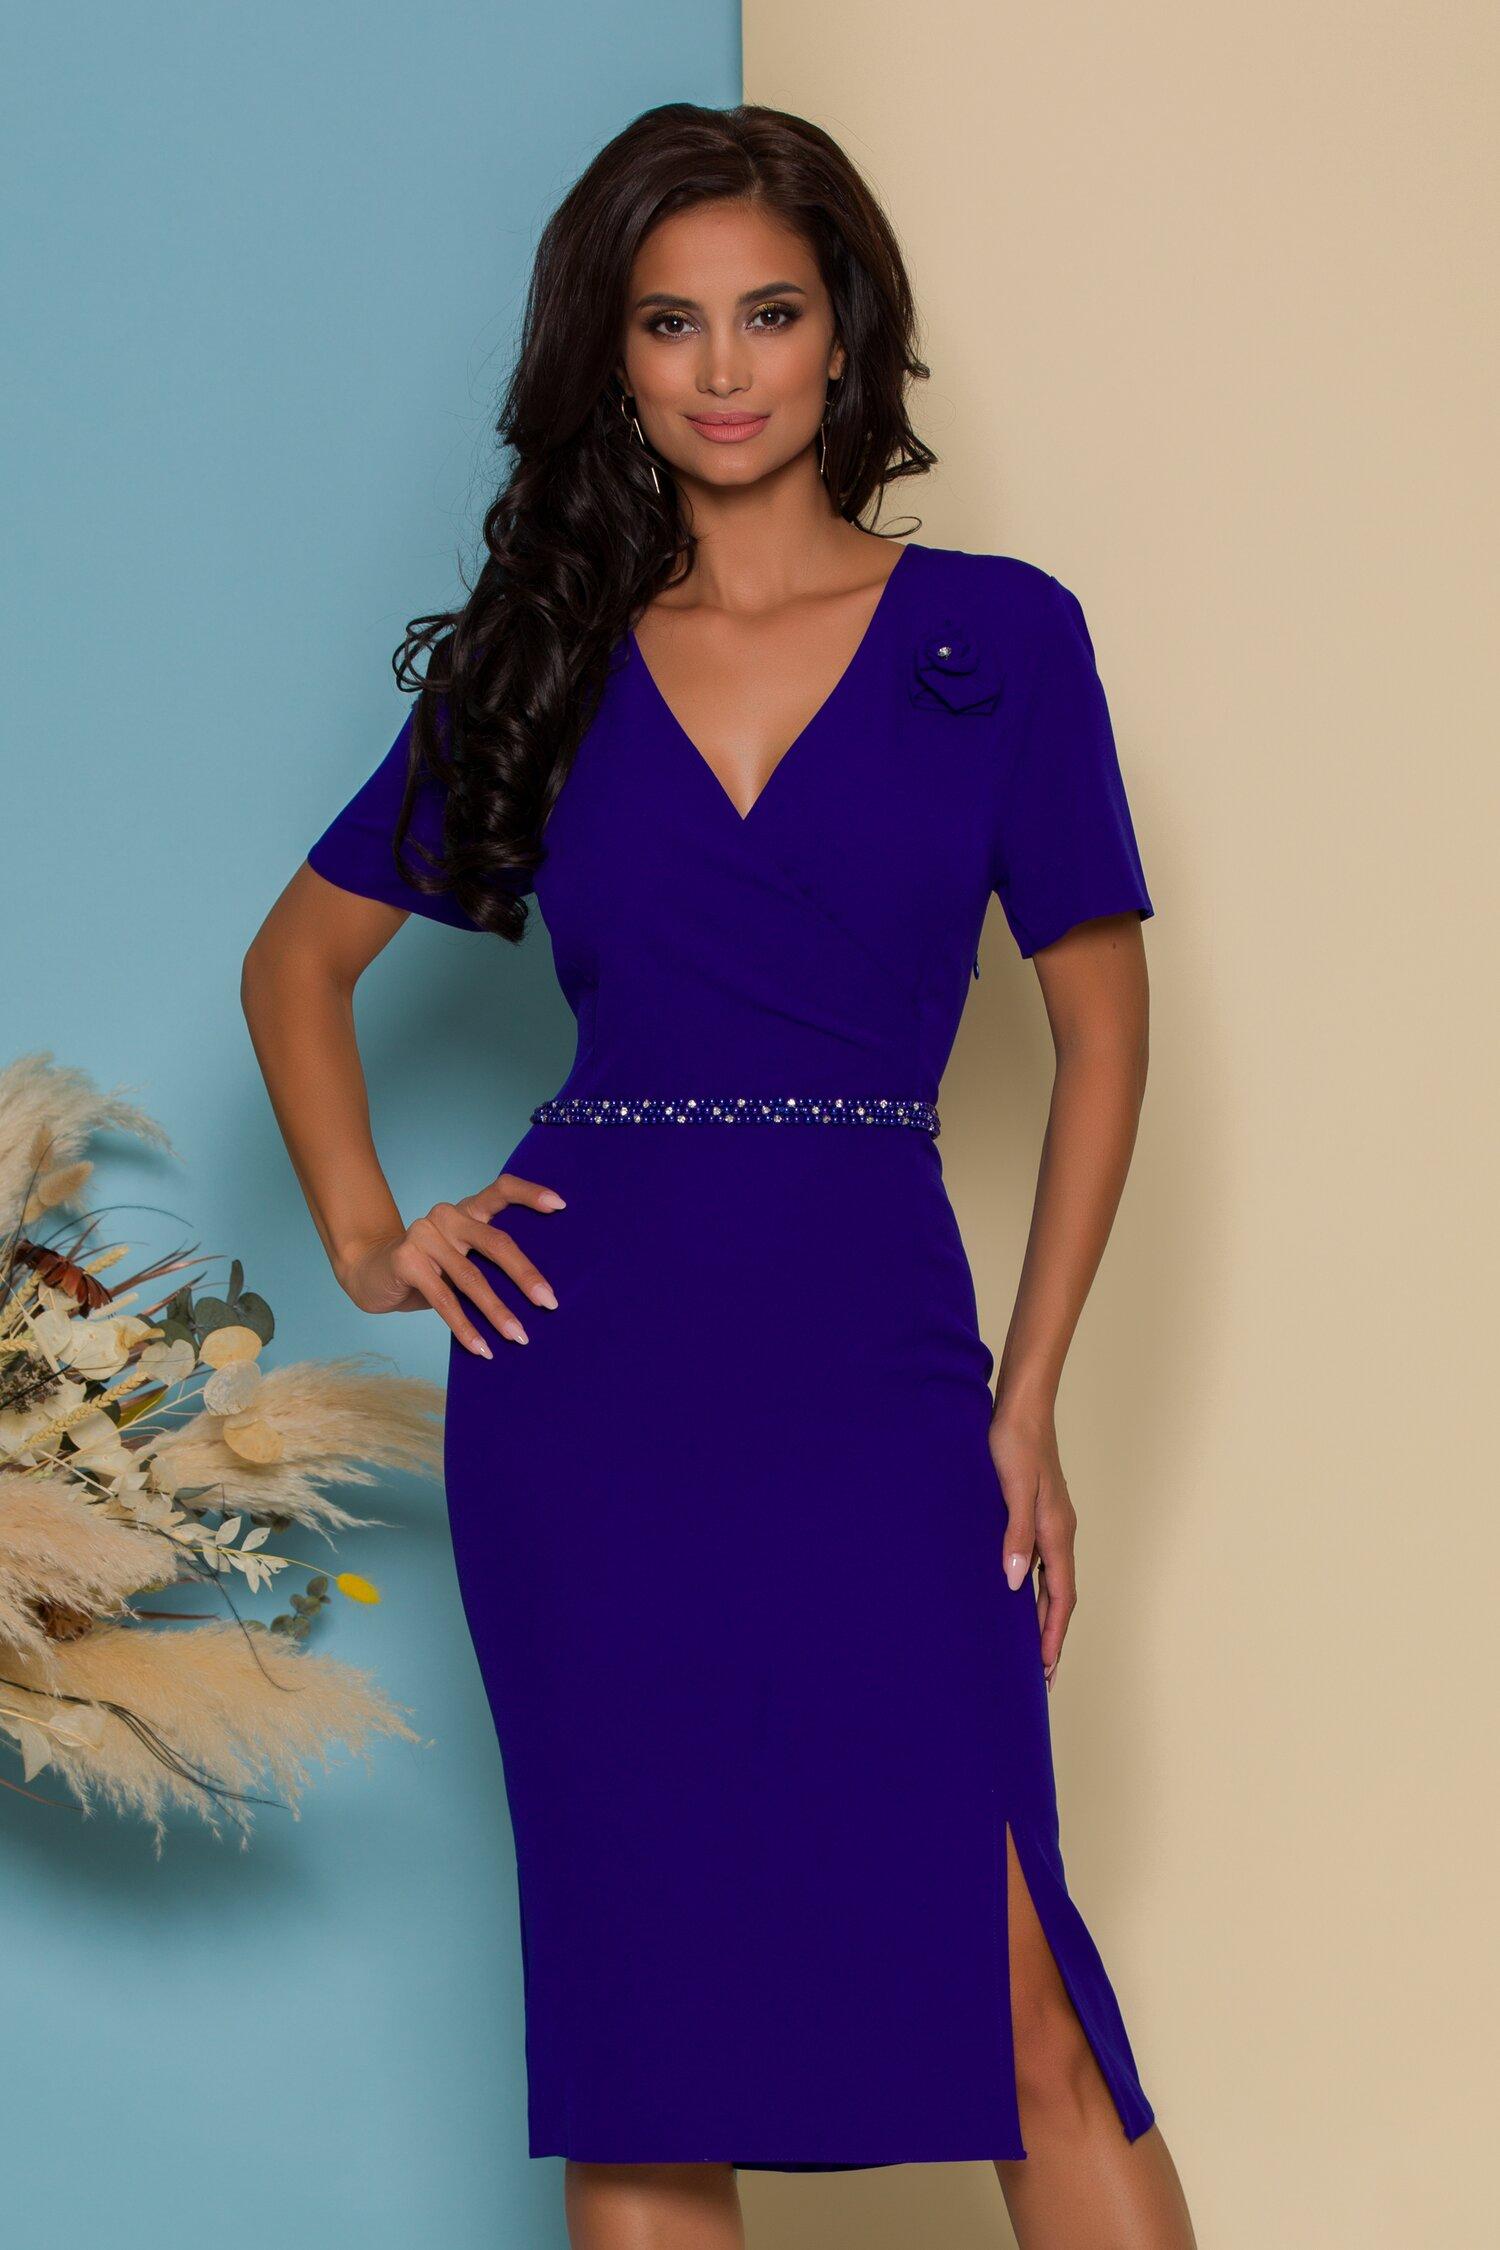 Rochie Alexia albastra cu aplicatie din margele in talie